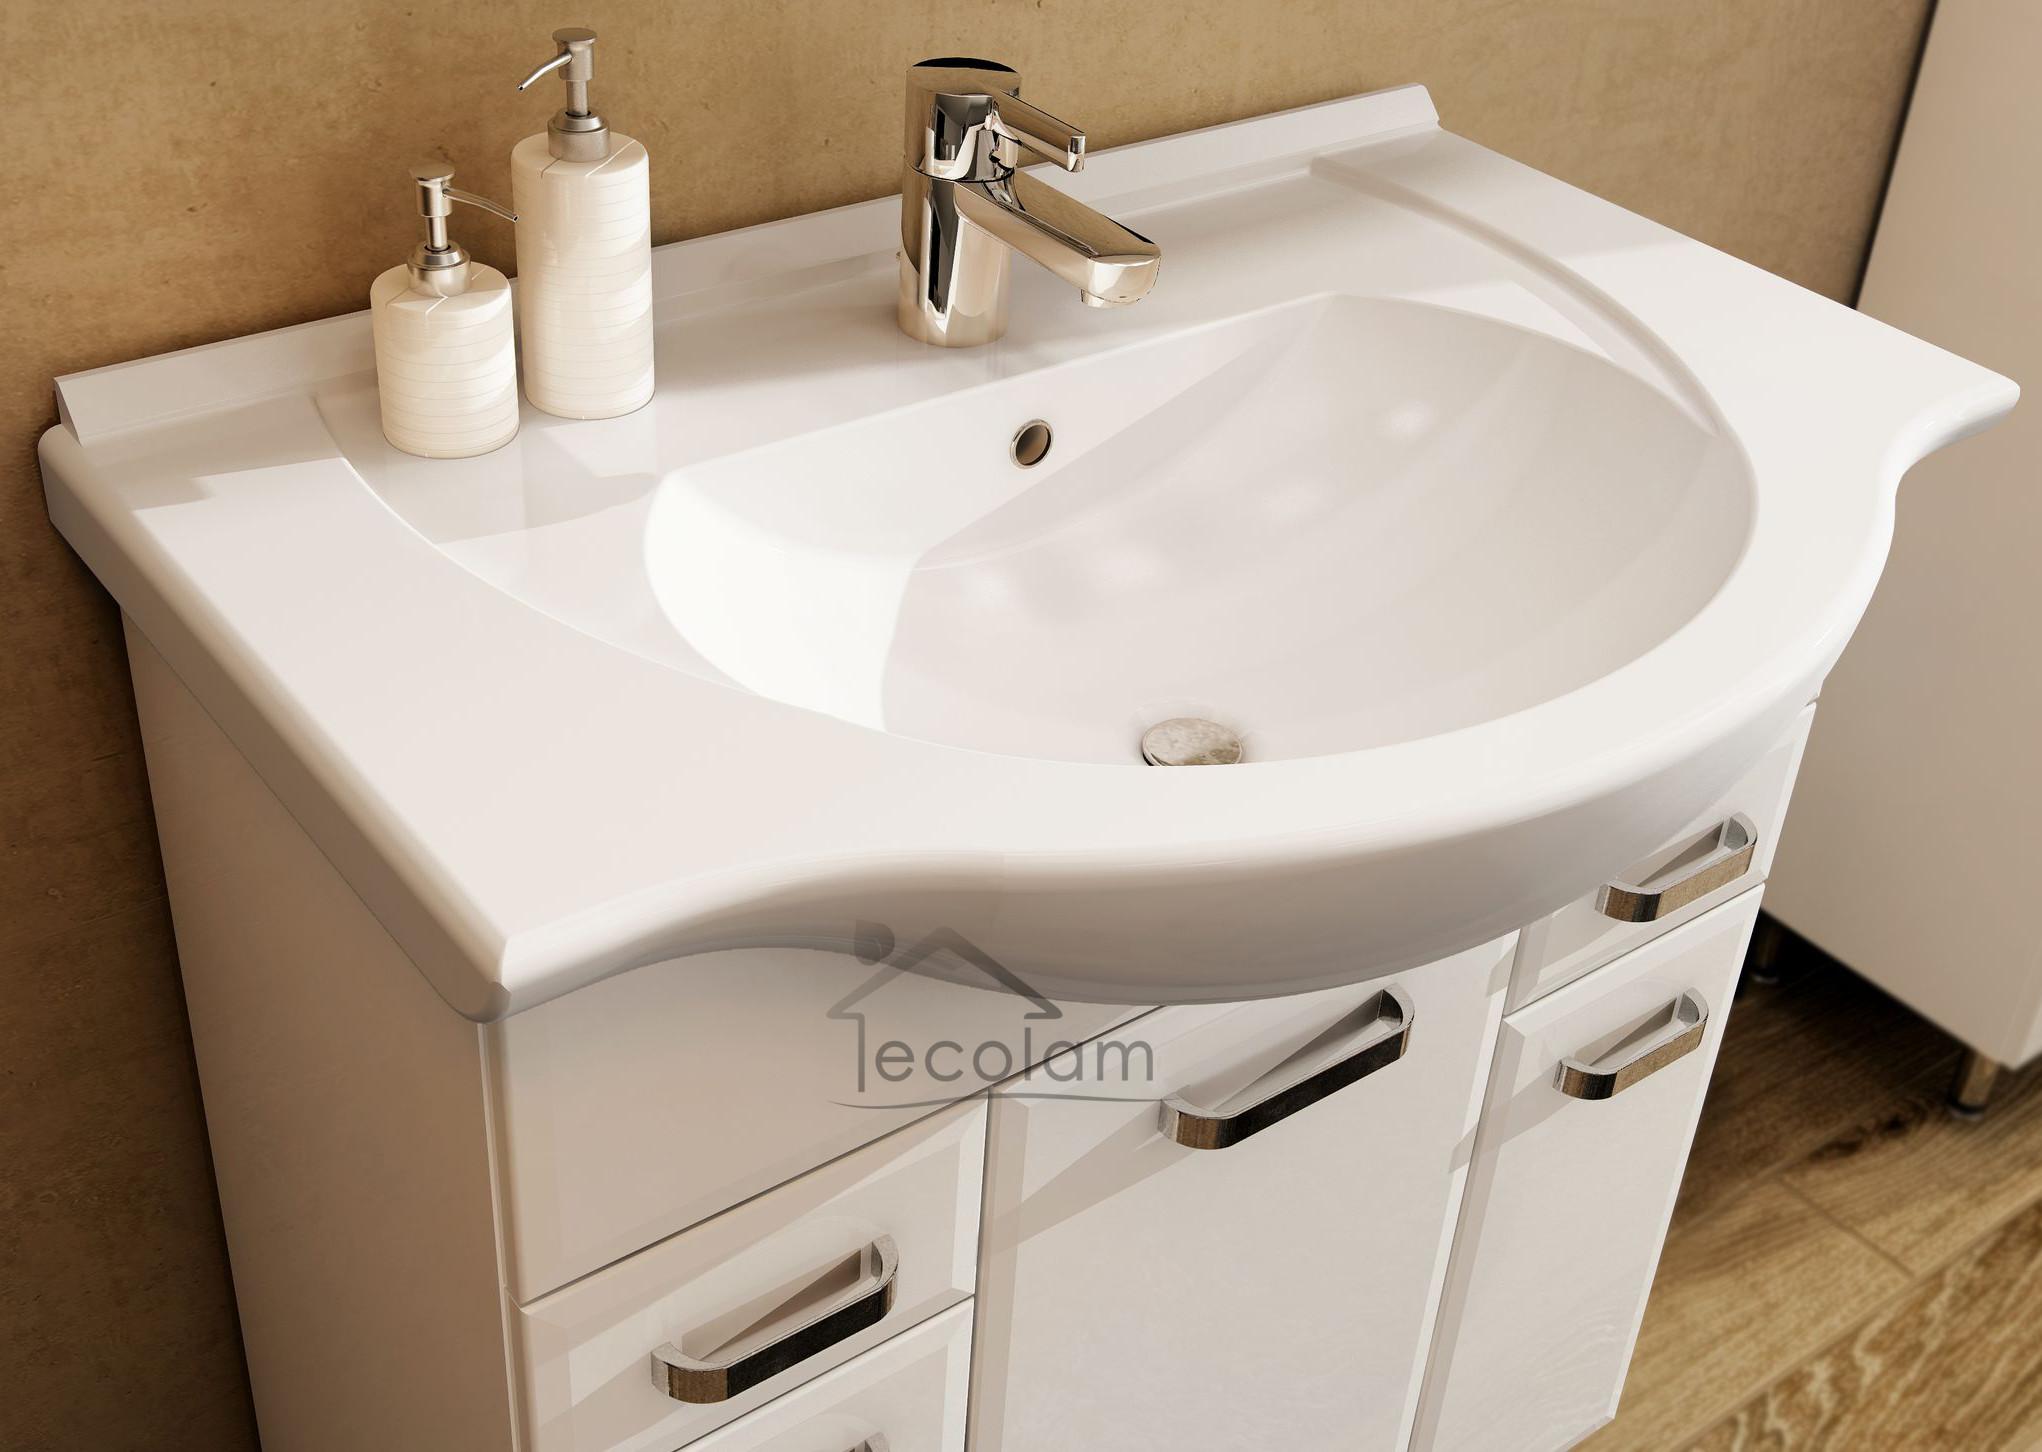 badm bel waschbecken 85 cm waschtisch. Black Bedroom Furniture Sets. Home Design Ideas